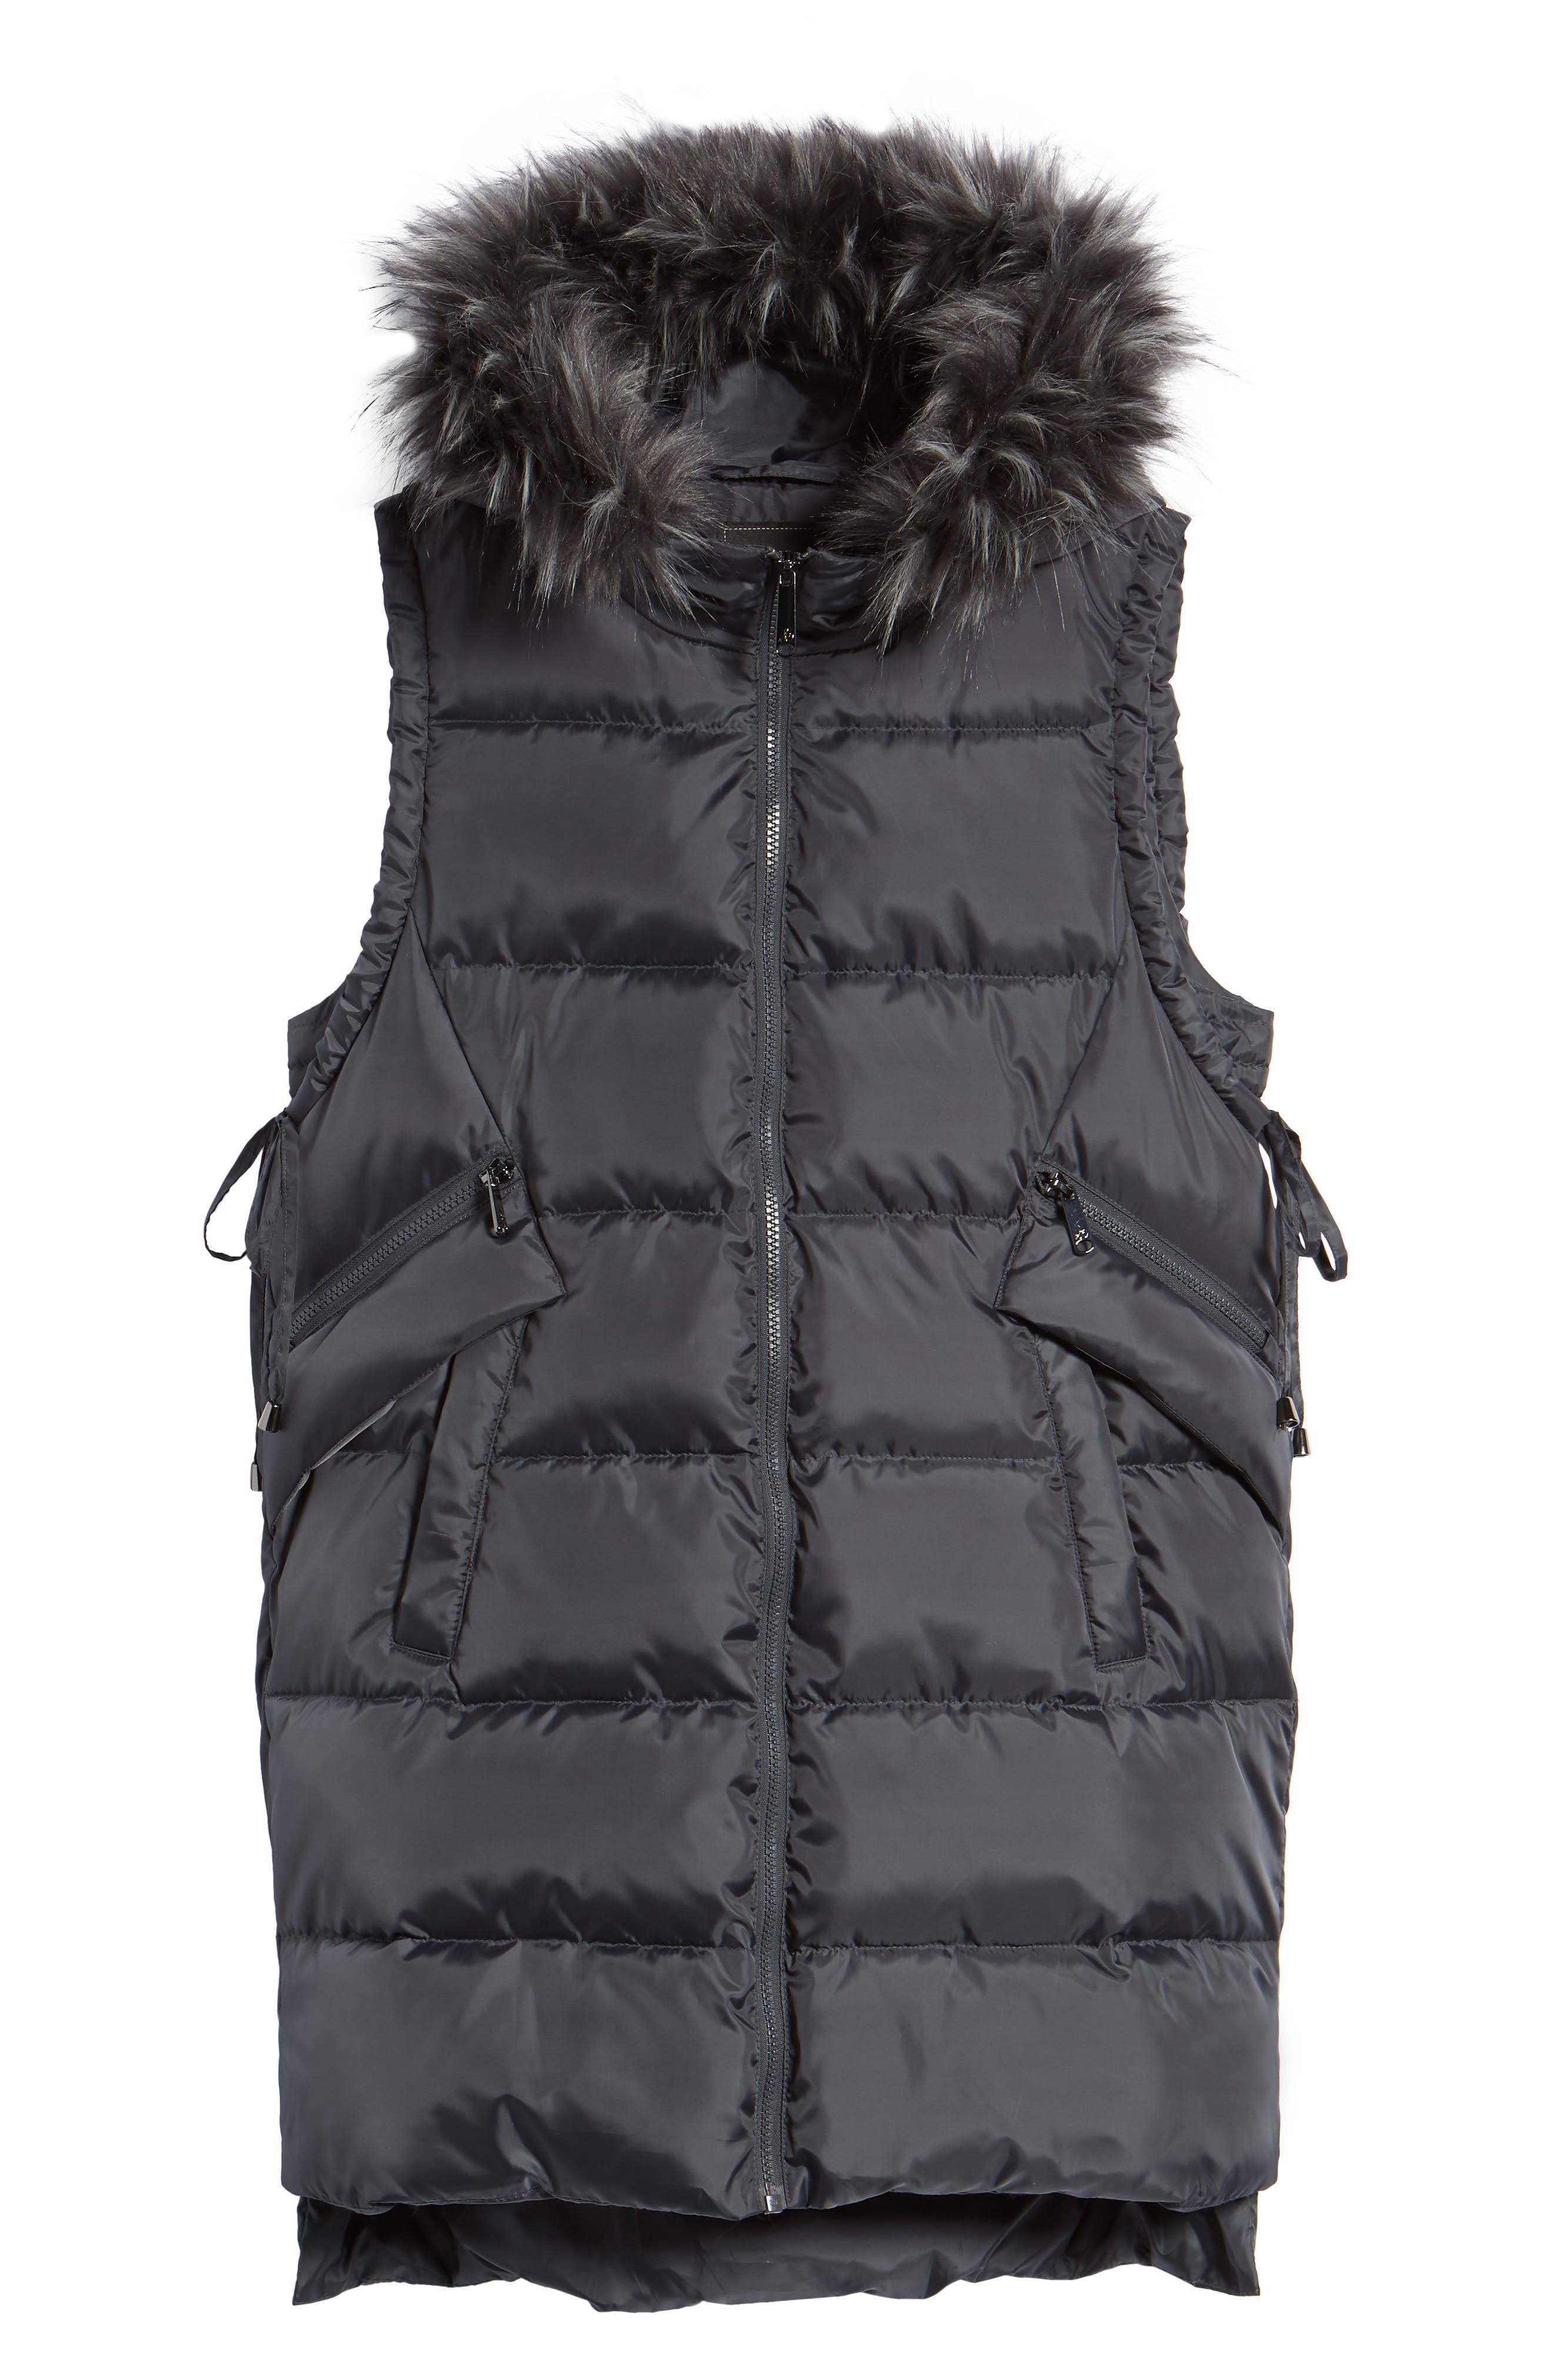 SAM EDELMAN, Faux Fur Trim Hooded Side-Tie Vest, Alternate thumbnail 6, color, 036